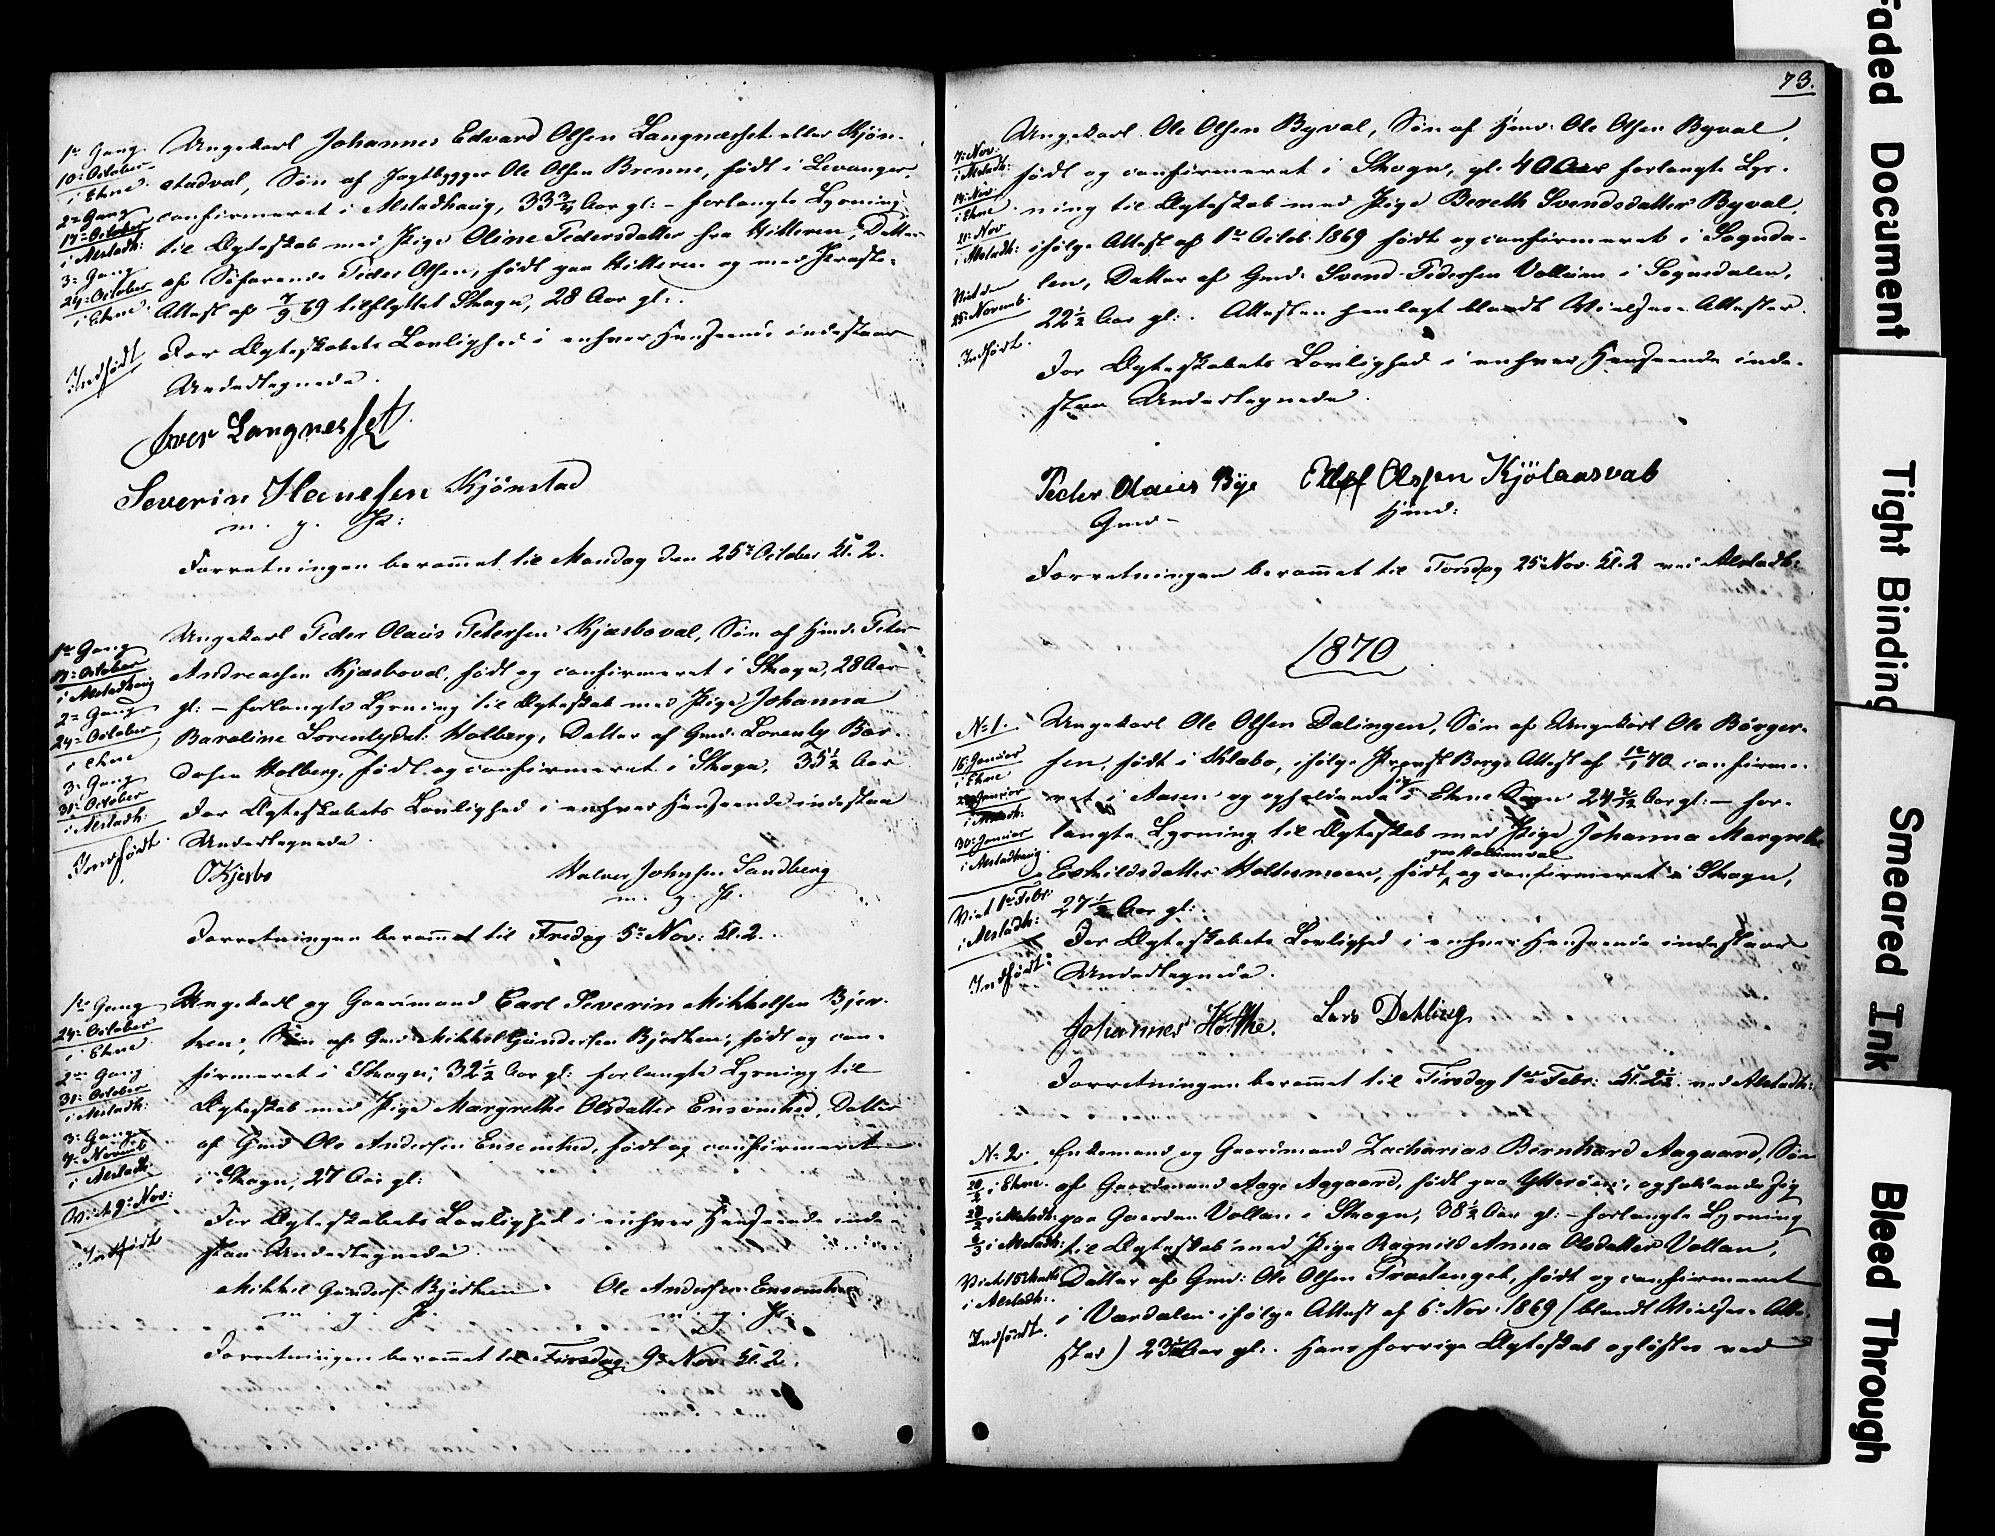 SAT, Ministerialprotokoller, klokkerbøker og fødselsregistre - Nord-Trøndelag, 717/L0161: Forlovererklæringer nr. 717A11, 1850-1895, s. 73